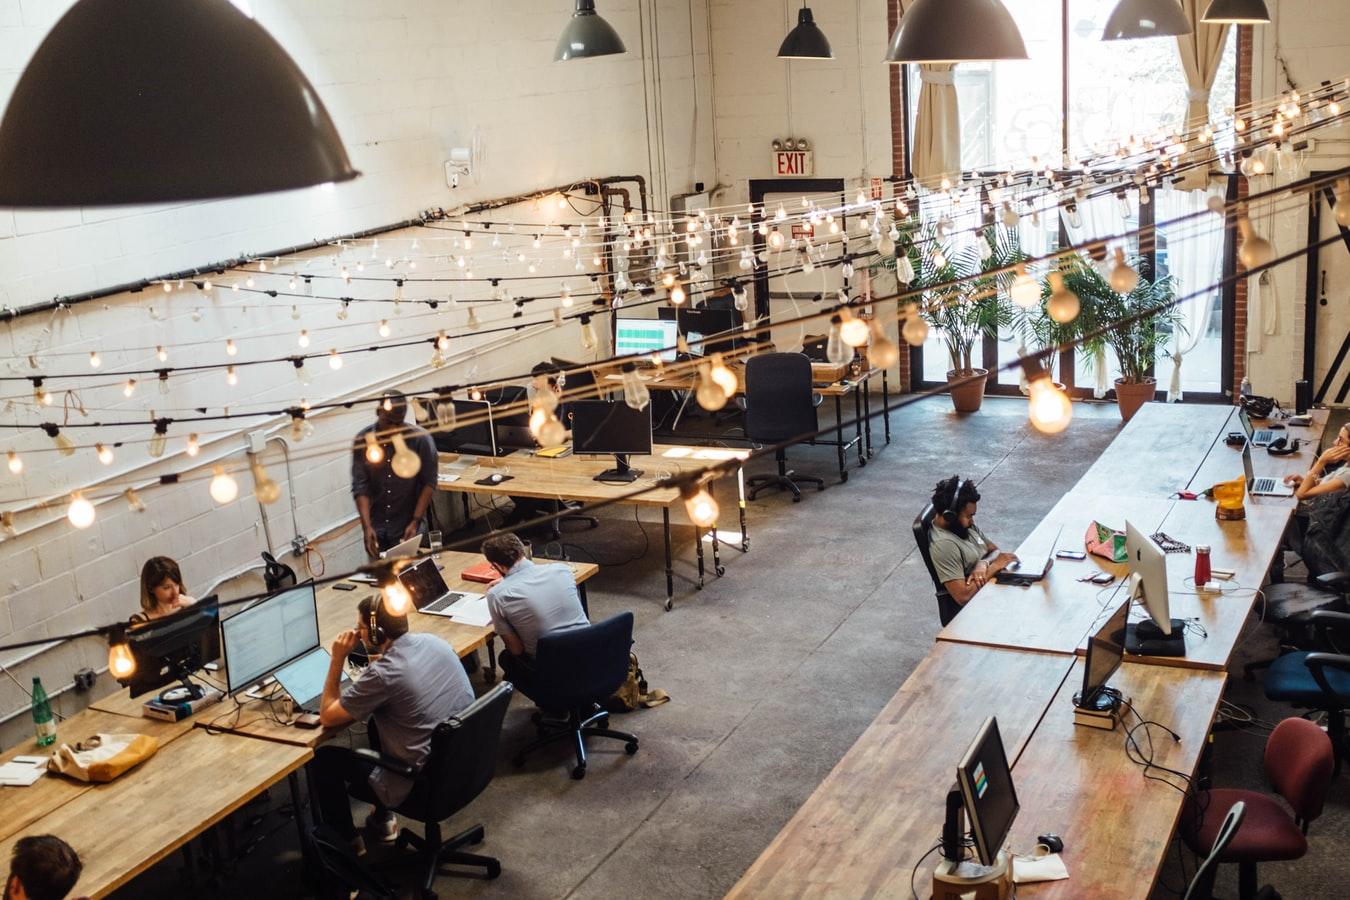 juli 2 - Giv din virksomhed et bedre indeklima